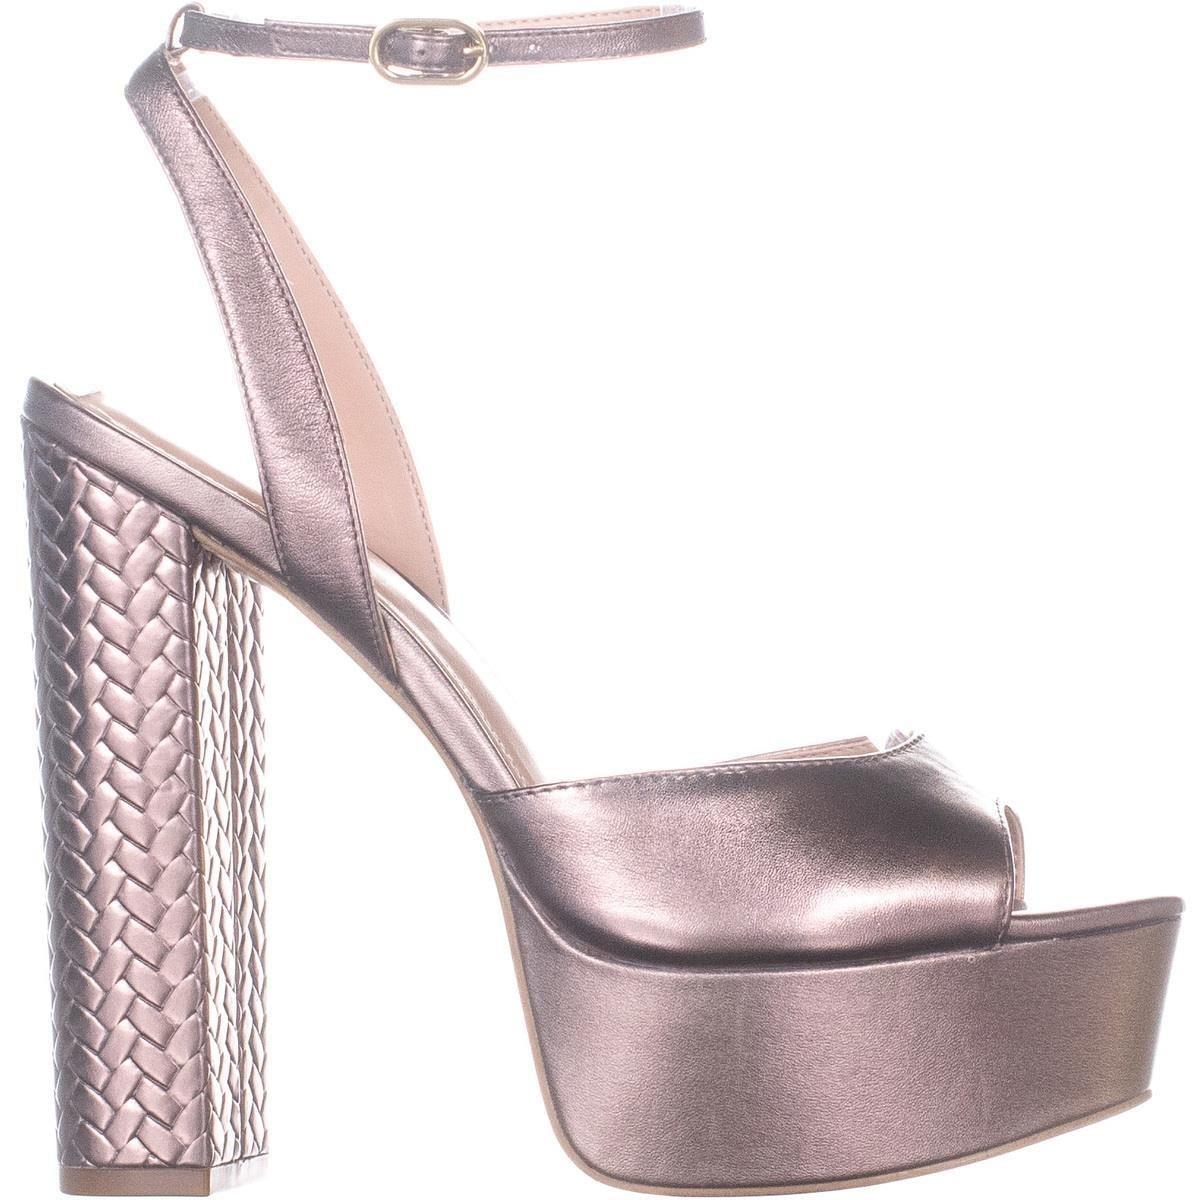 7d85ea39b6a3 Shop Rachel Zoe Claire Platform Sandals